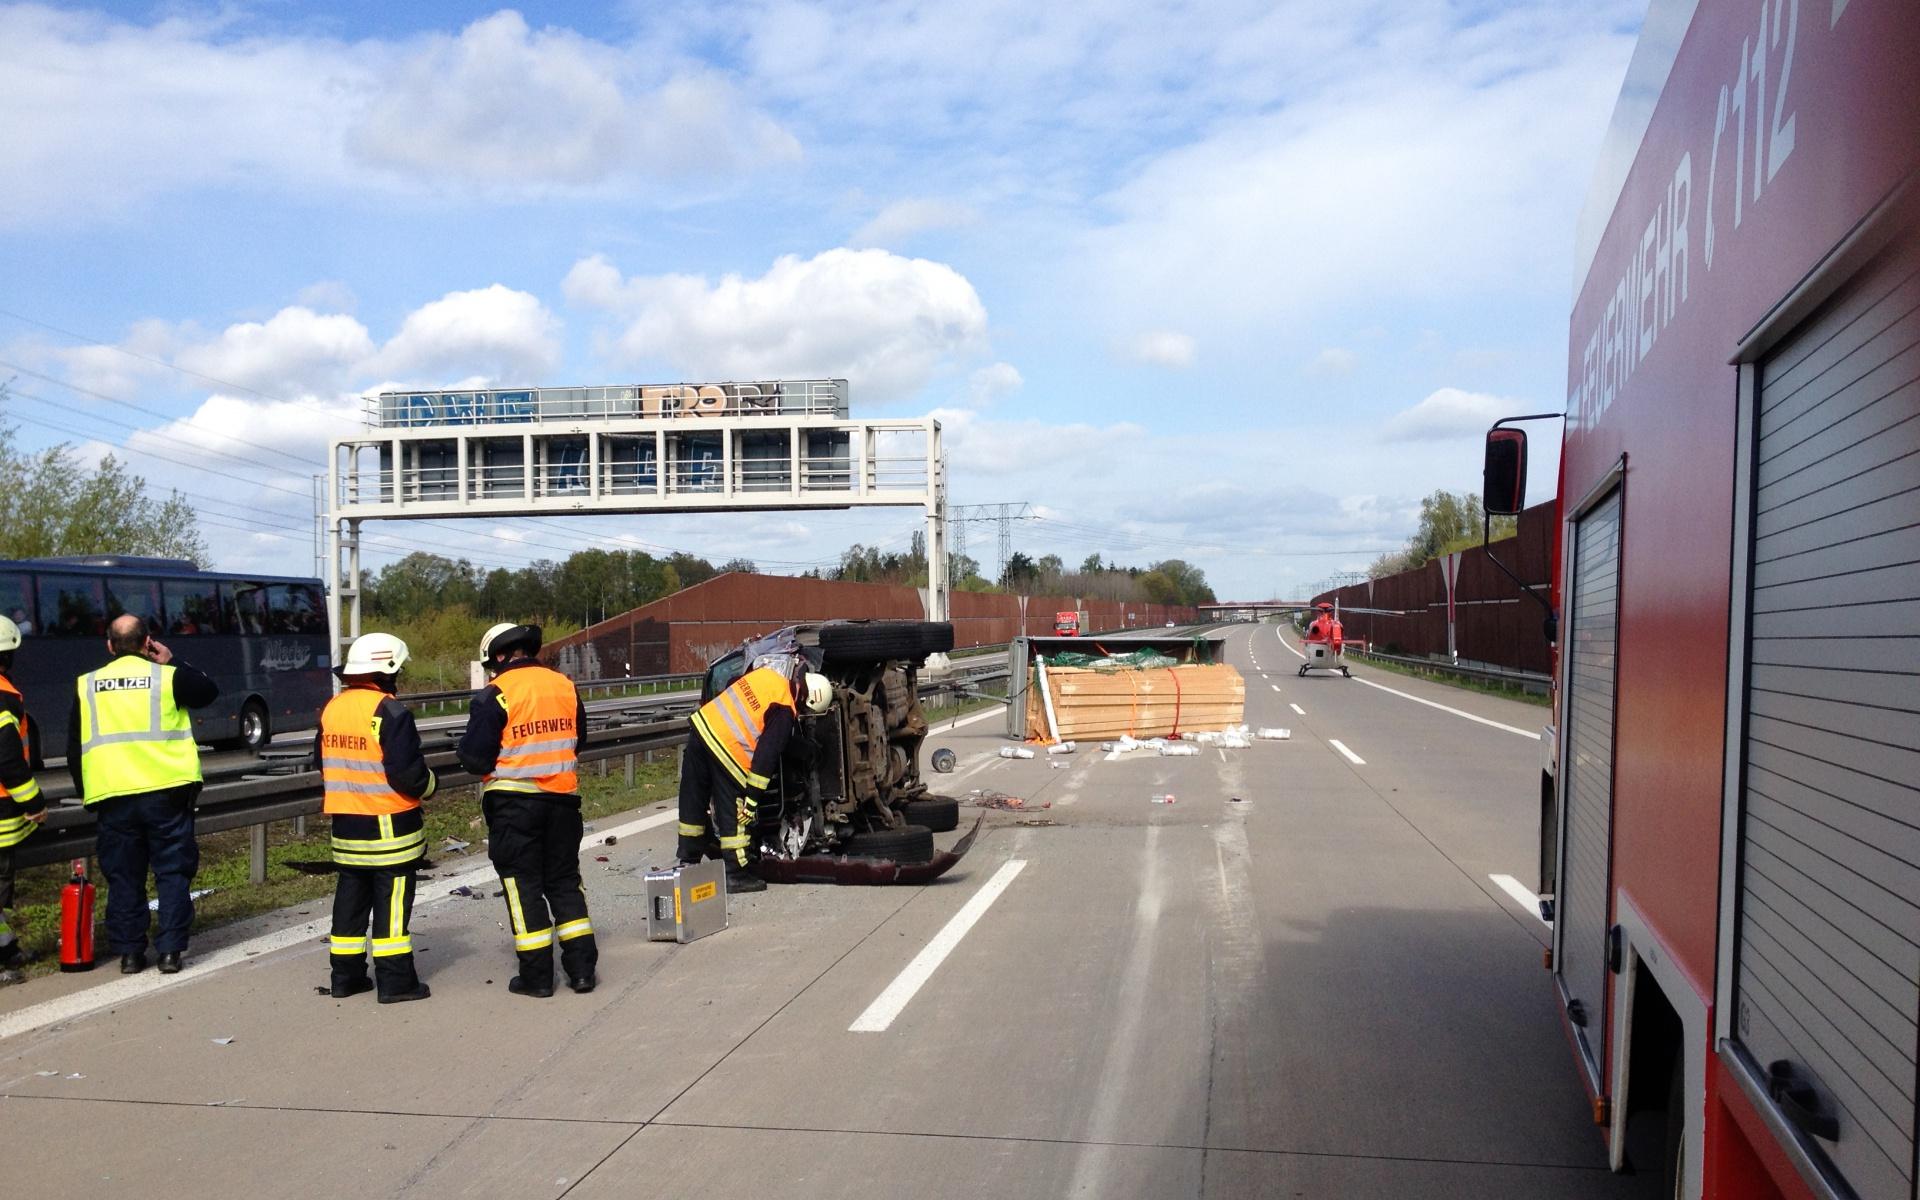 Glück im Unglück: Keines der sechs Unfallopfer wurde schwer verletzt.